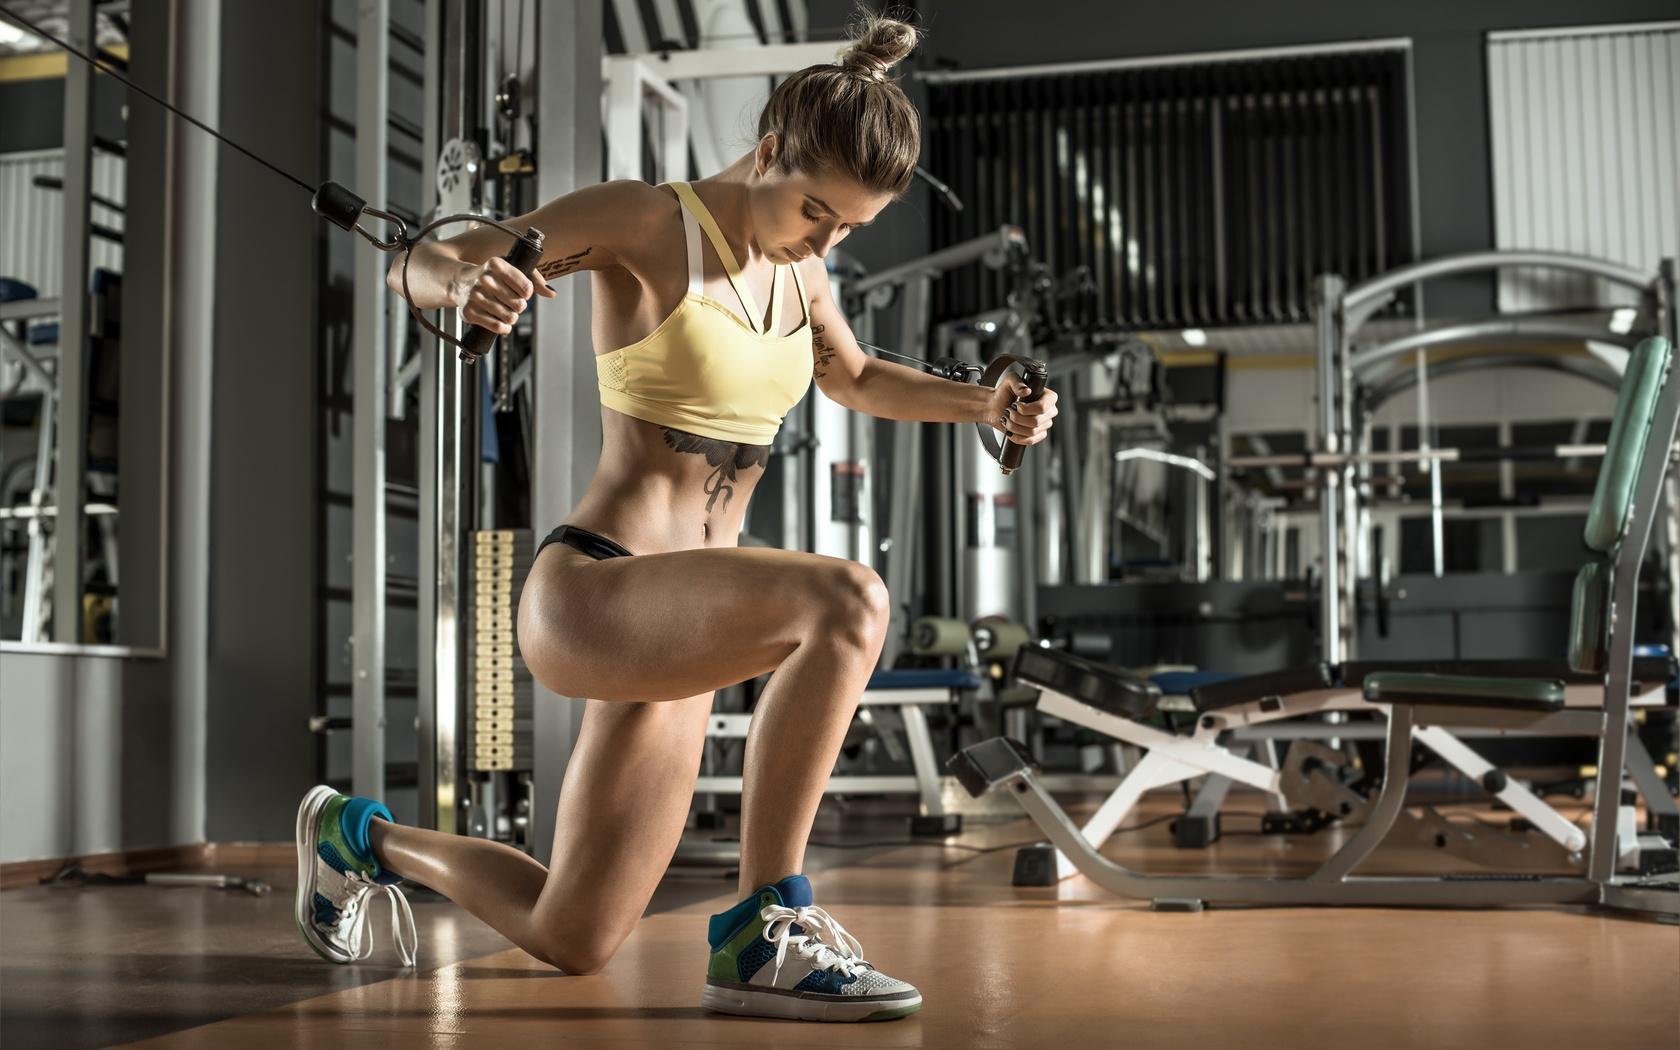 этого сможете девушки в фитнес центре ждём